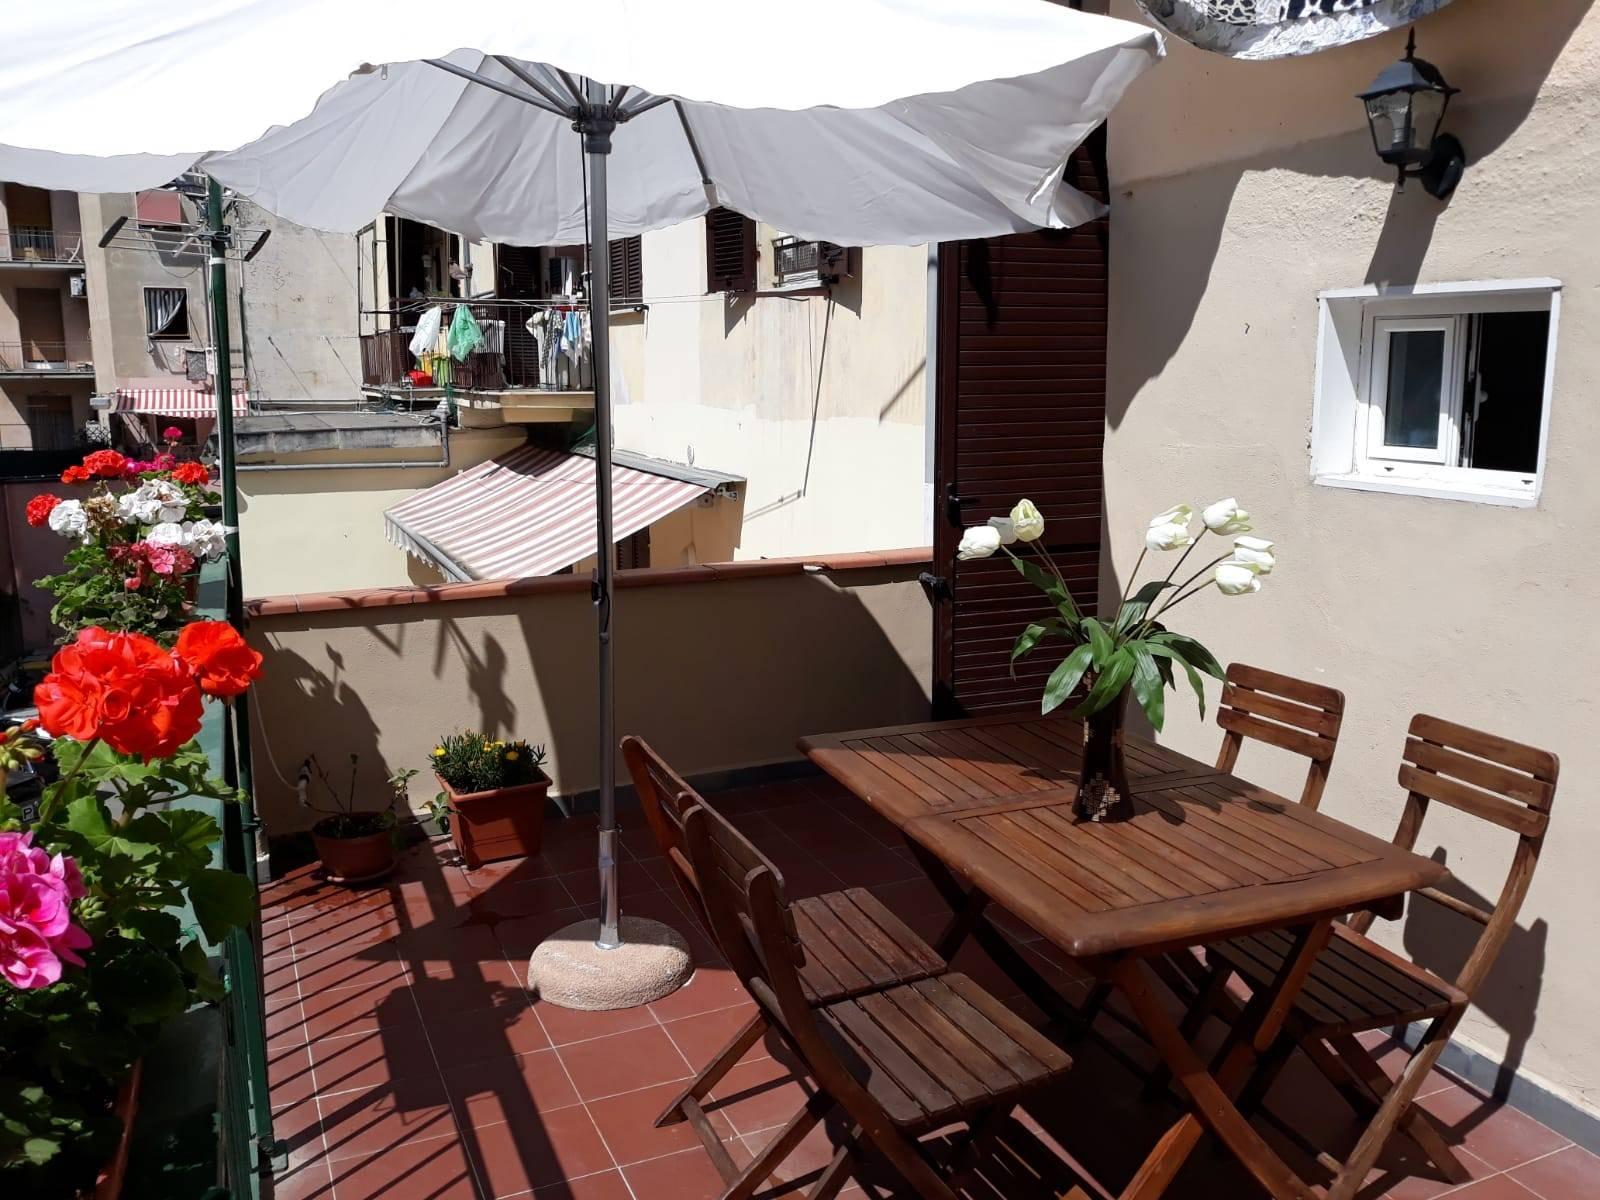 Appartamento in vendita a La Spezia, 3 locali, zona Località: CENTRO, prezzo € 85.000 | PortaleAgenzieImmobiliari.it